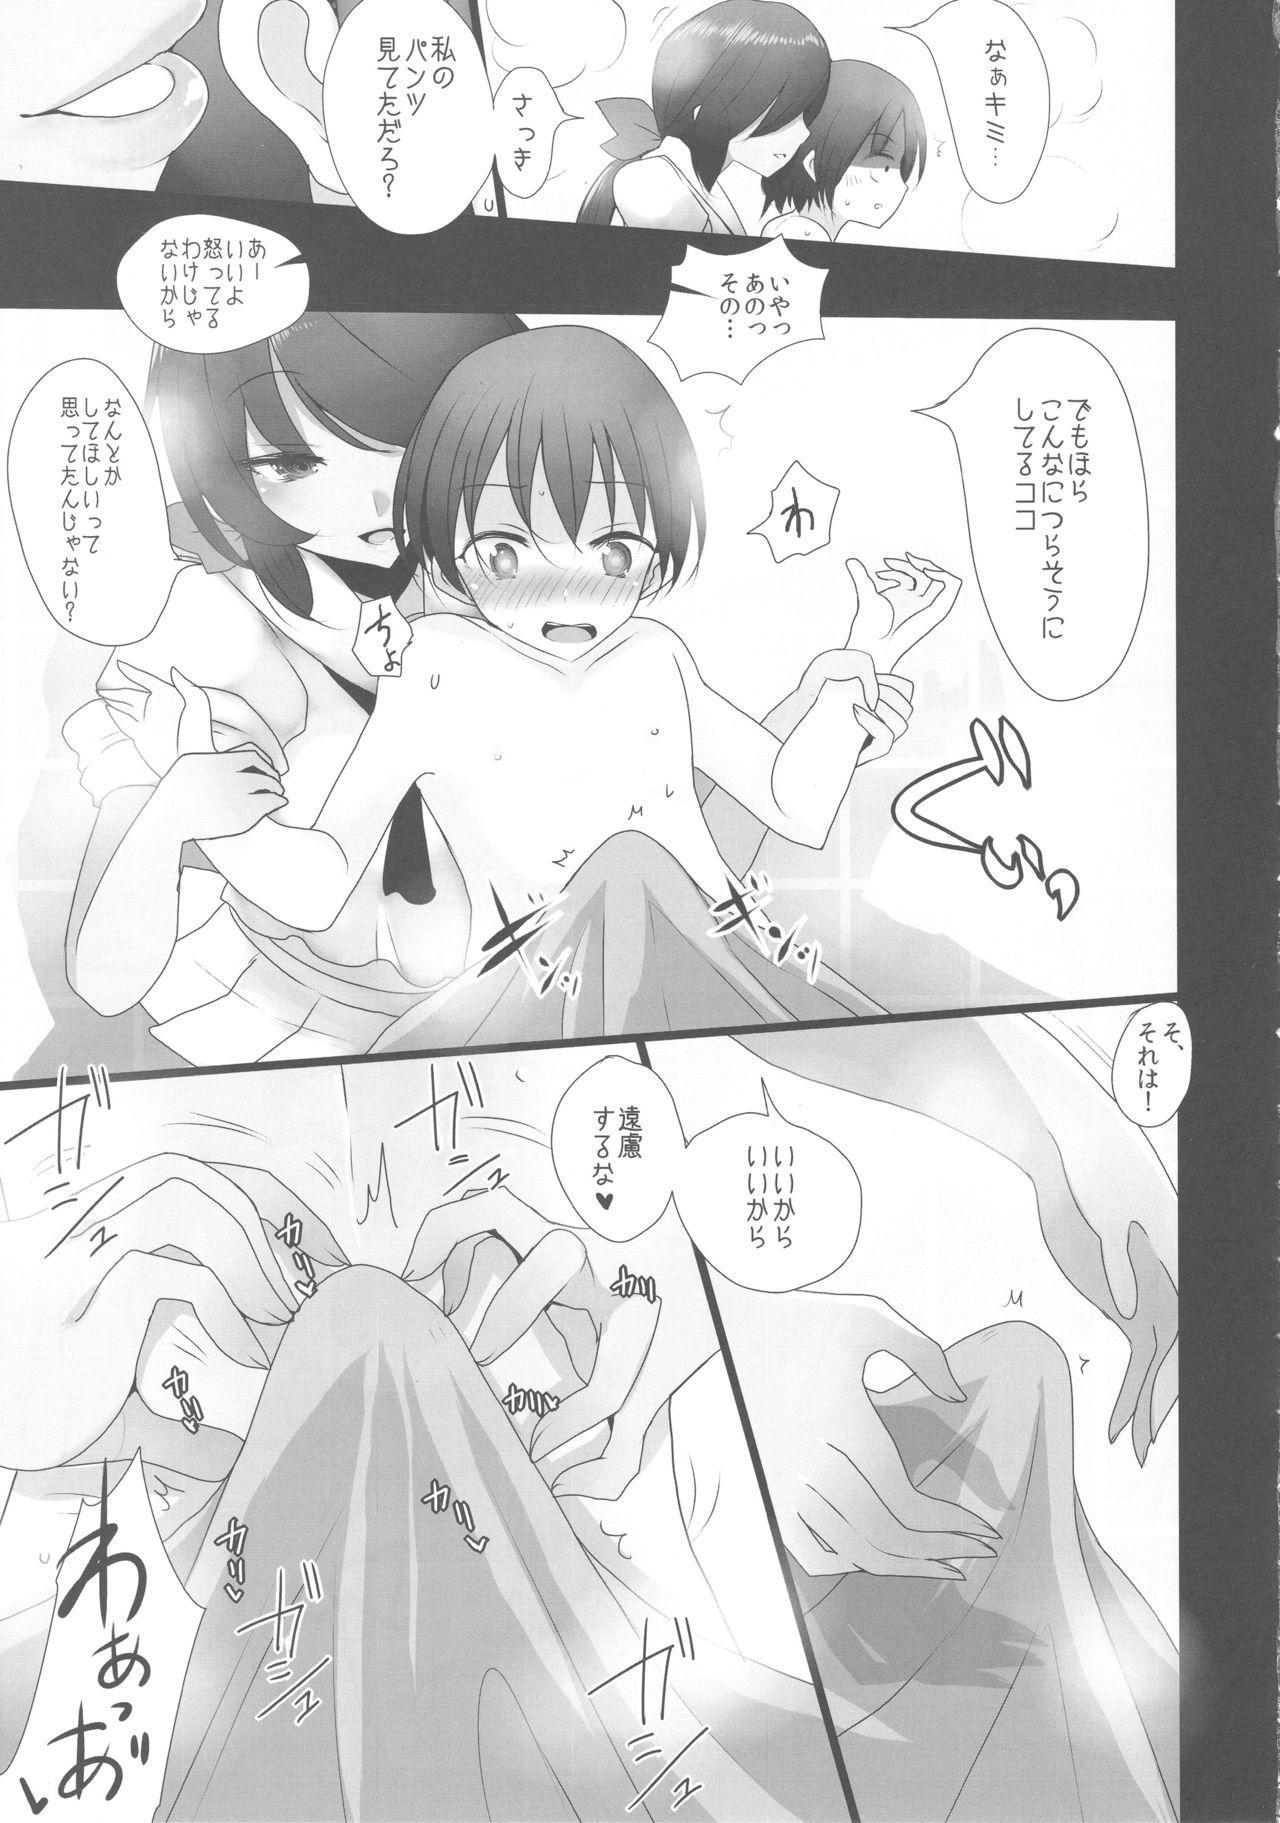 Aru Hi no Ogin Onee-chan 7